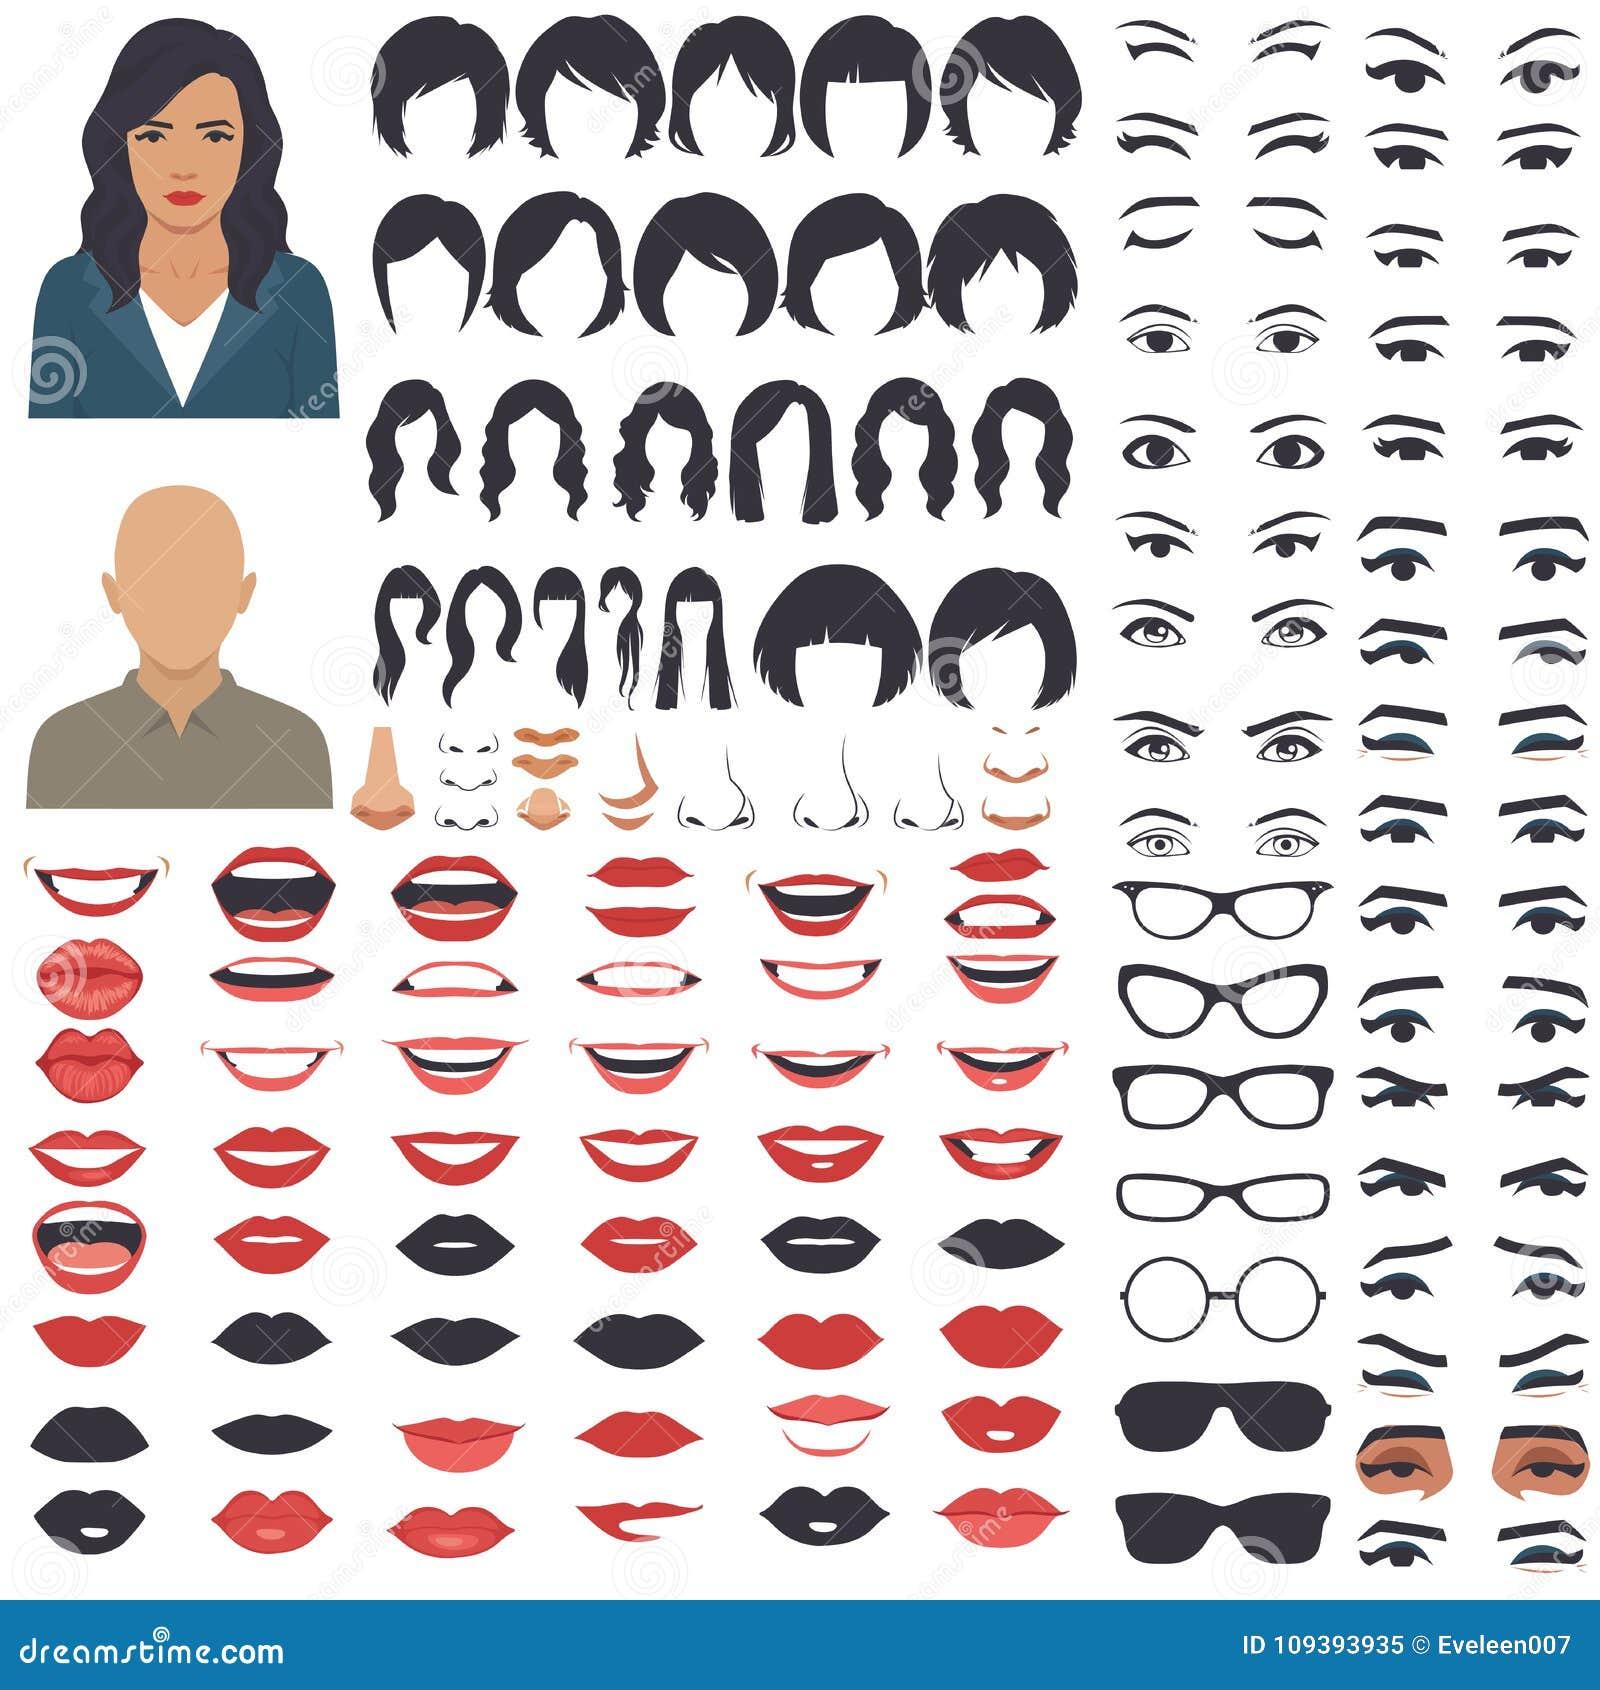 Grupo do ícone das peças da cara da mulher, da cabeça do caráter, dos olhos, da boca, dos bordos, do cabelo e da sobrancelha